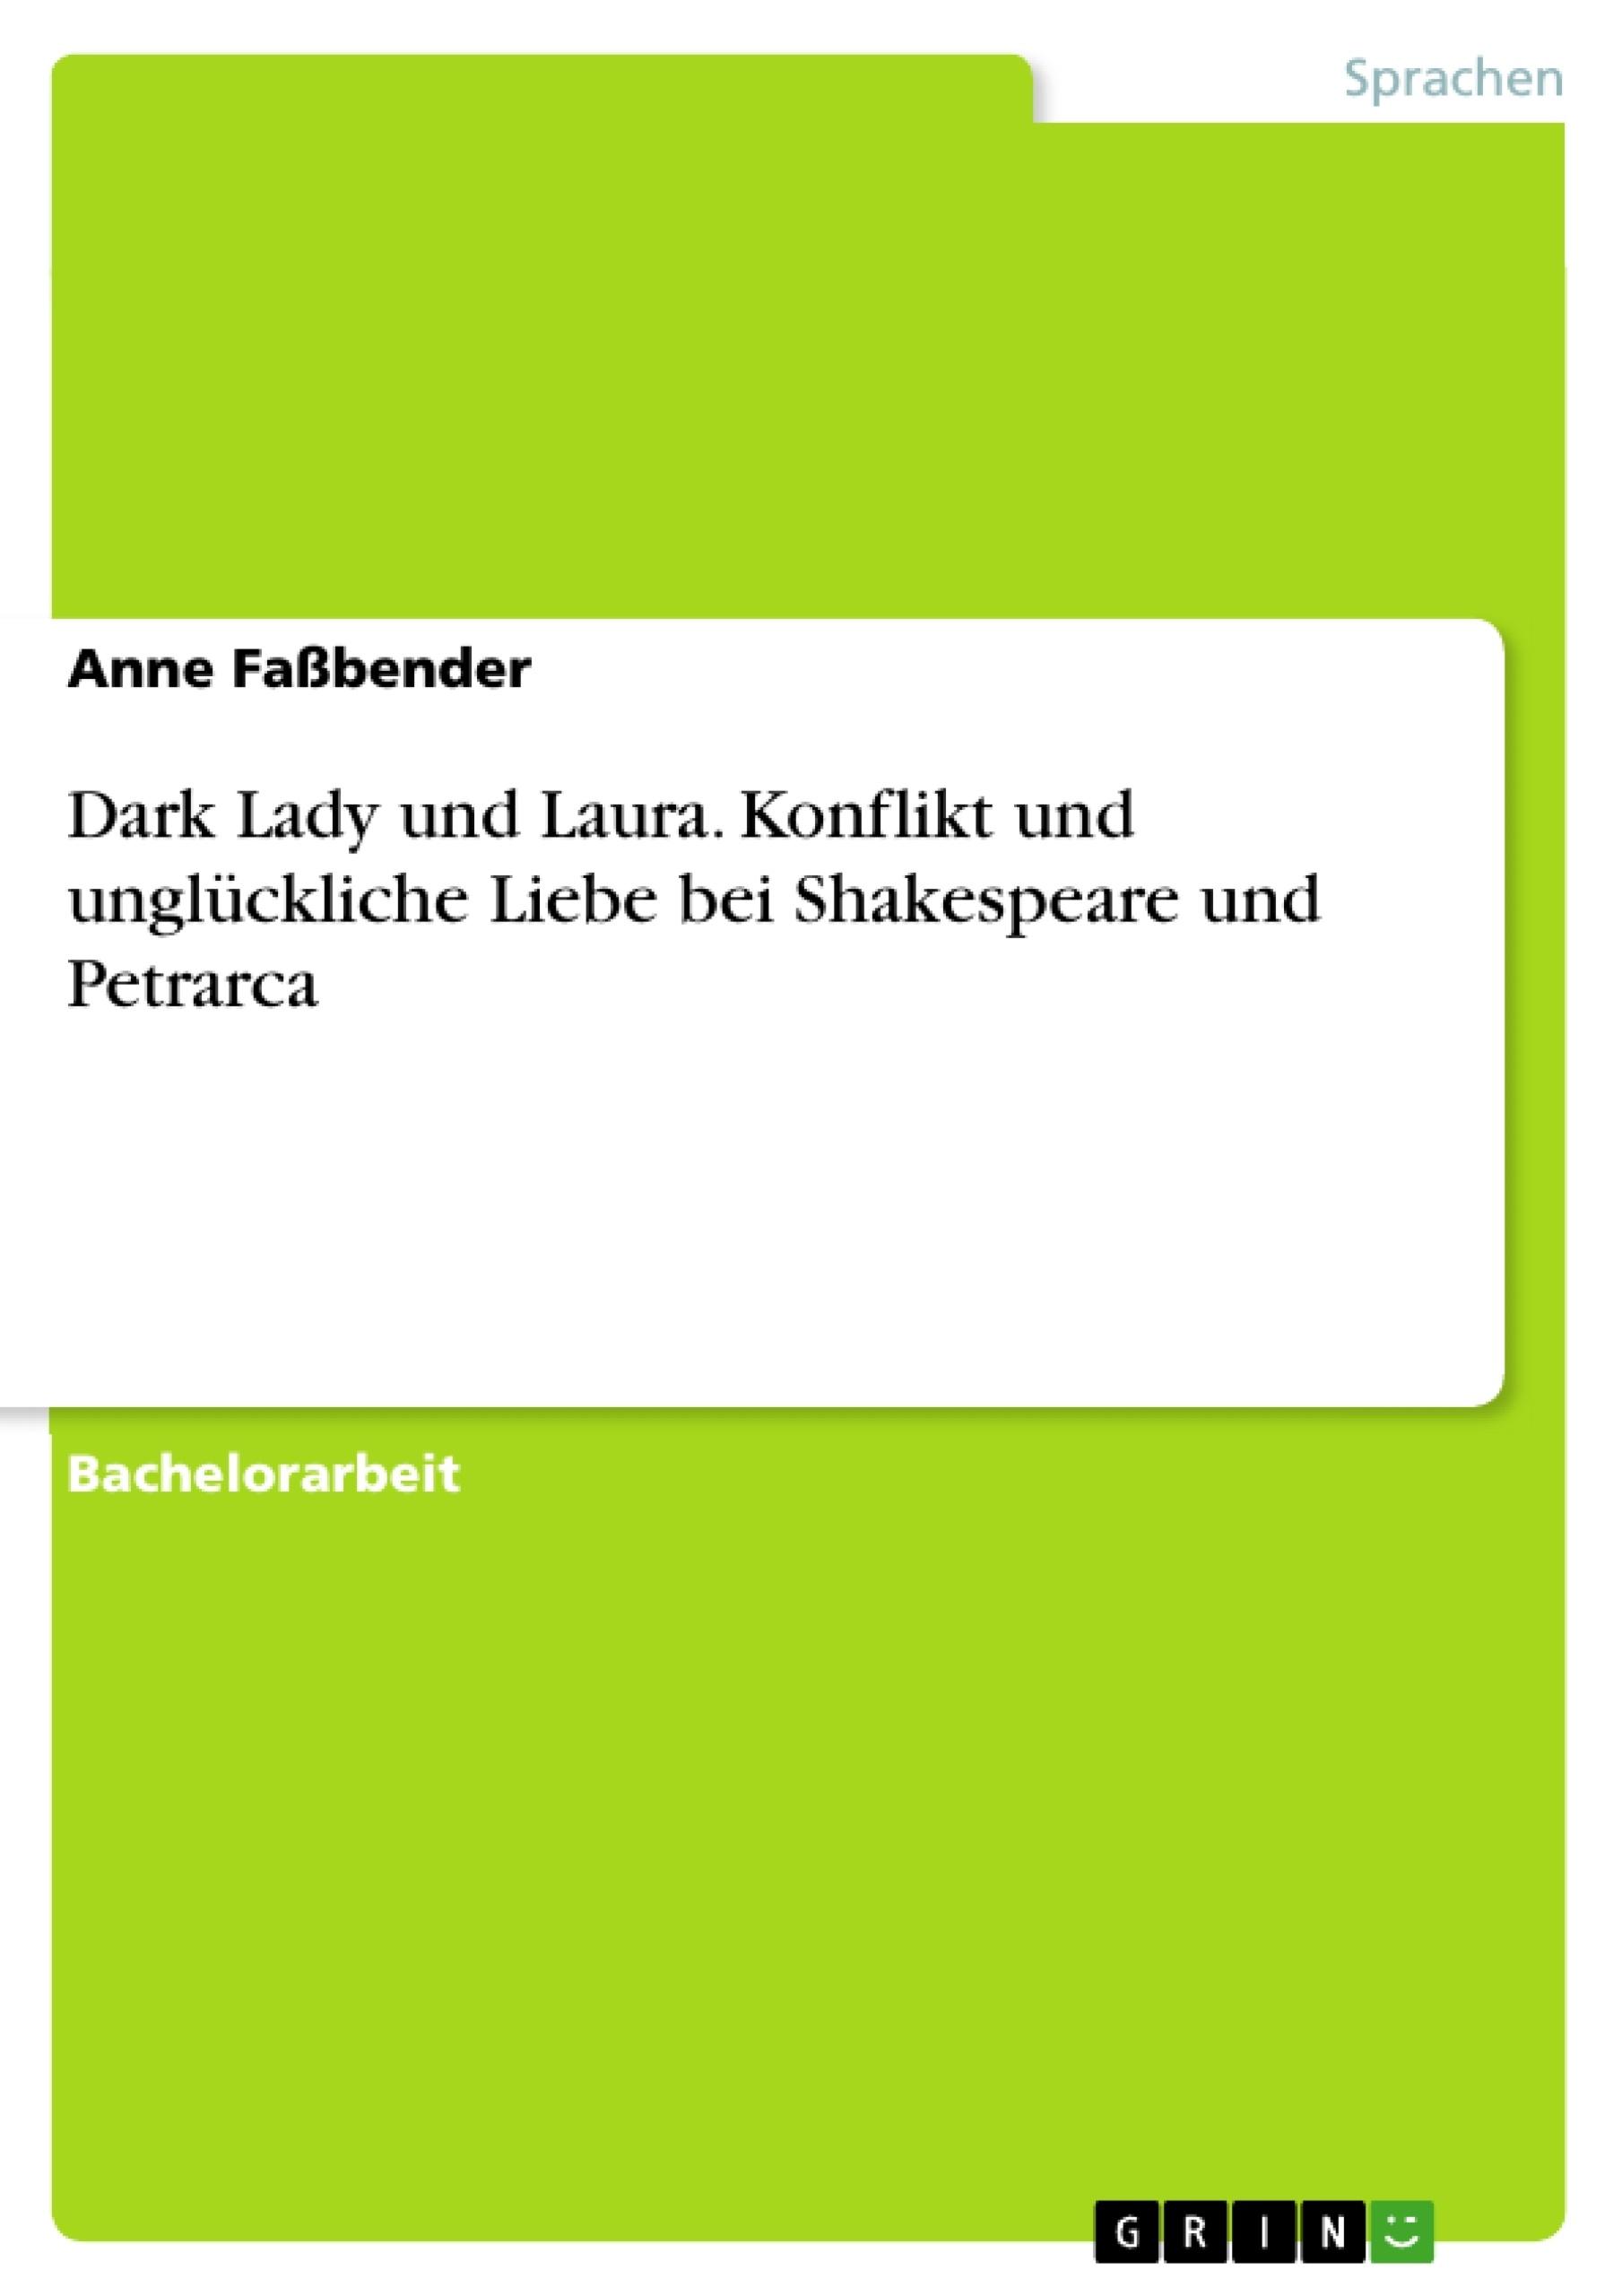 Titel: Dark Lady und Laura. Konflikt und unglückliche Liebe bei Shakespeare und Petrarca